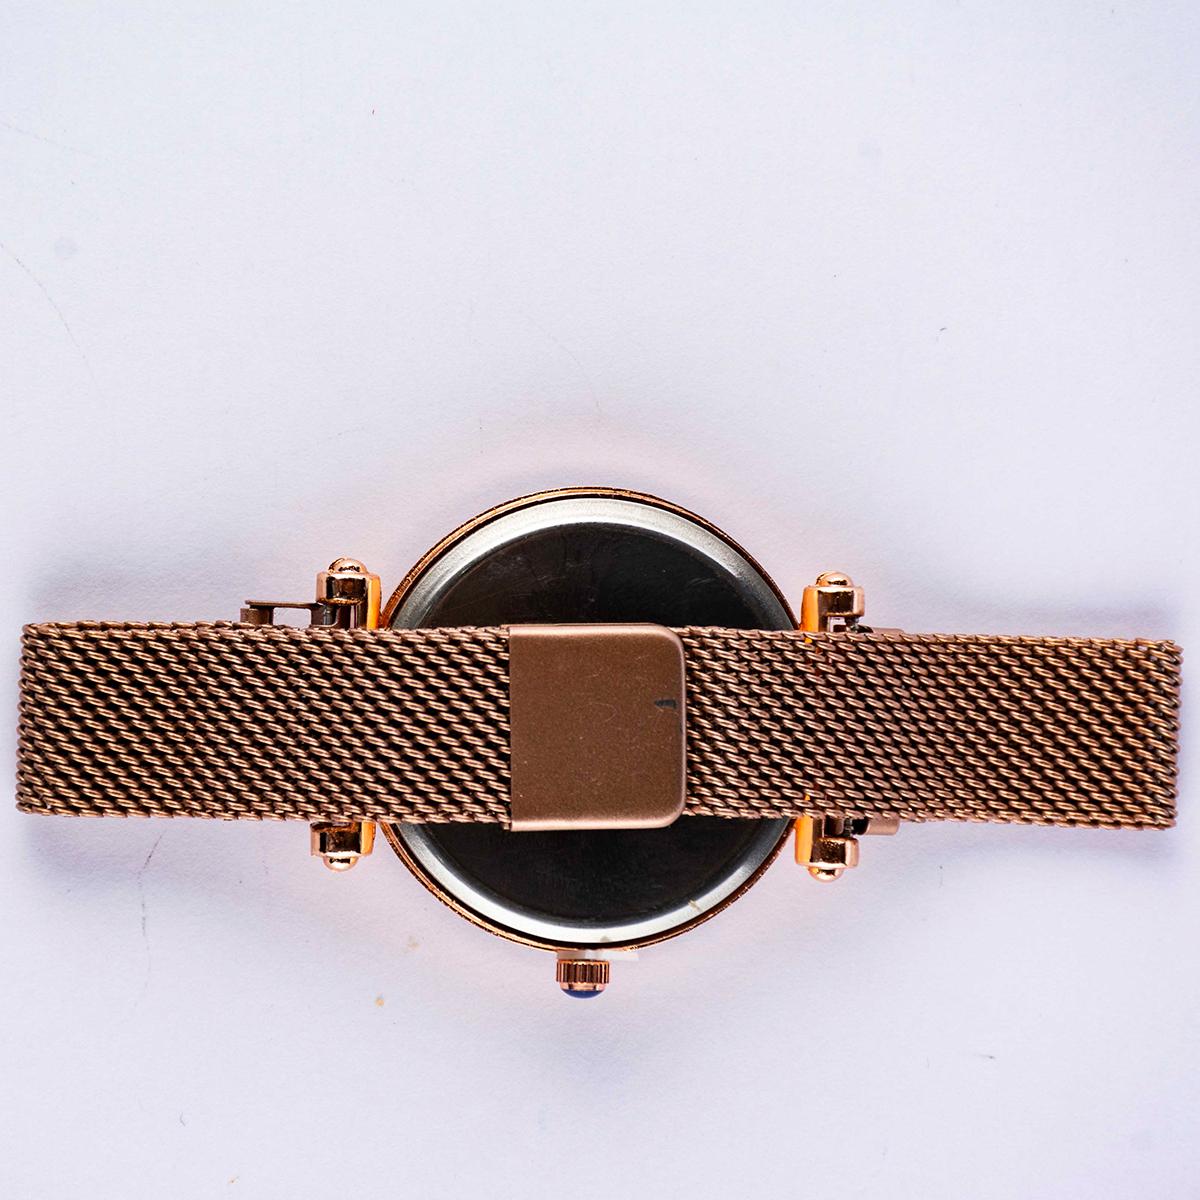 ساعت مچی عقربه ای زنانه کد Z08              خرید (⭐️⭐️⭐️)